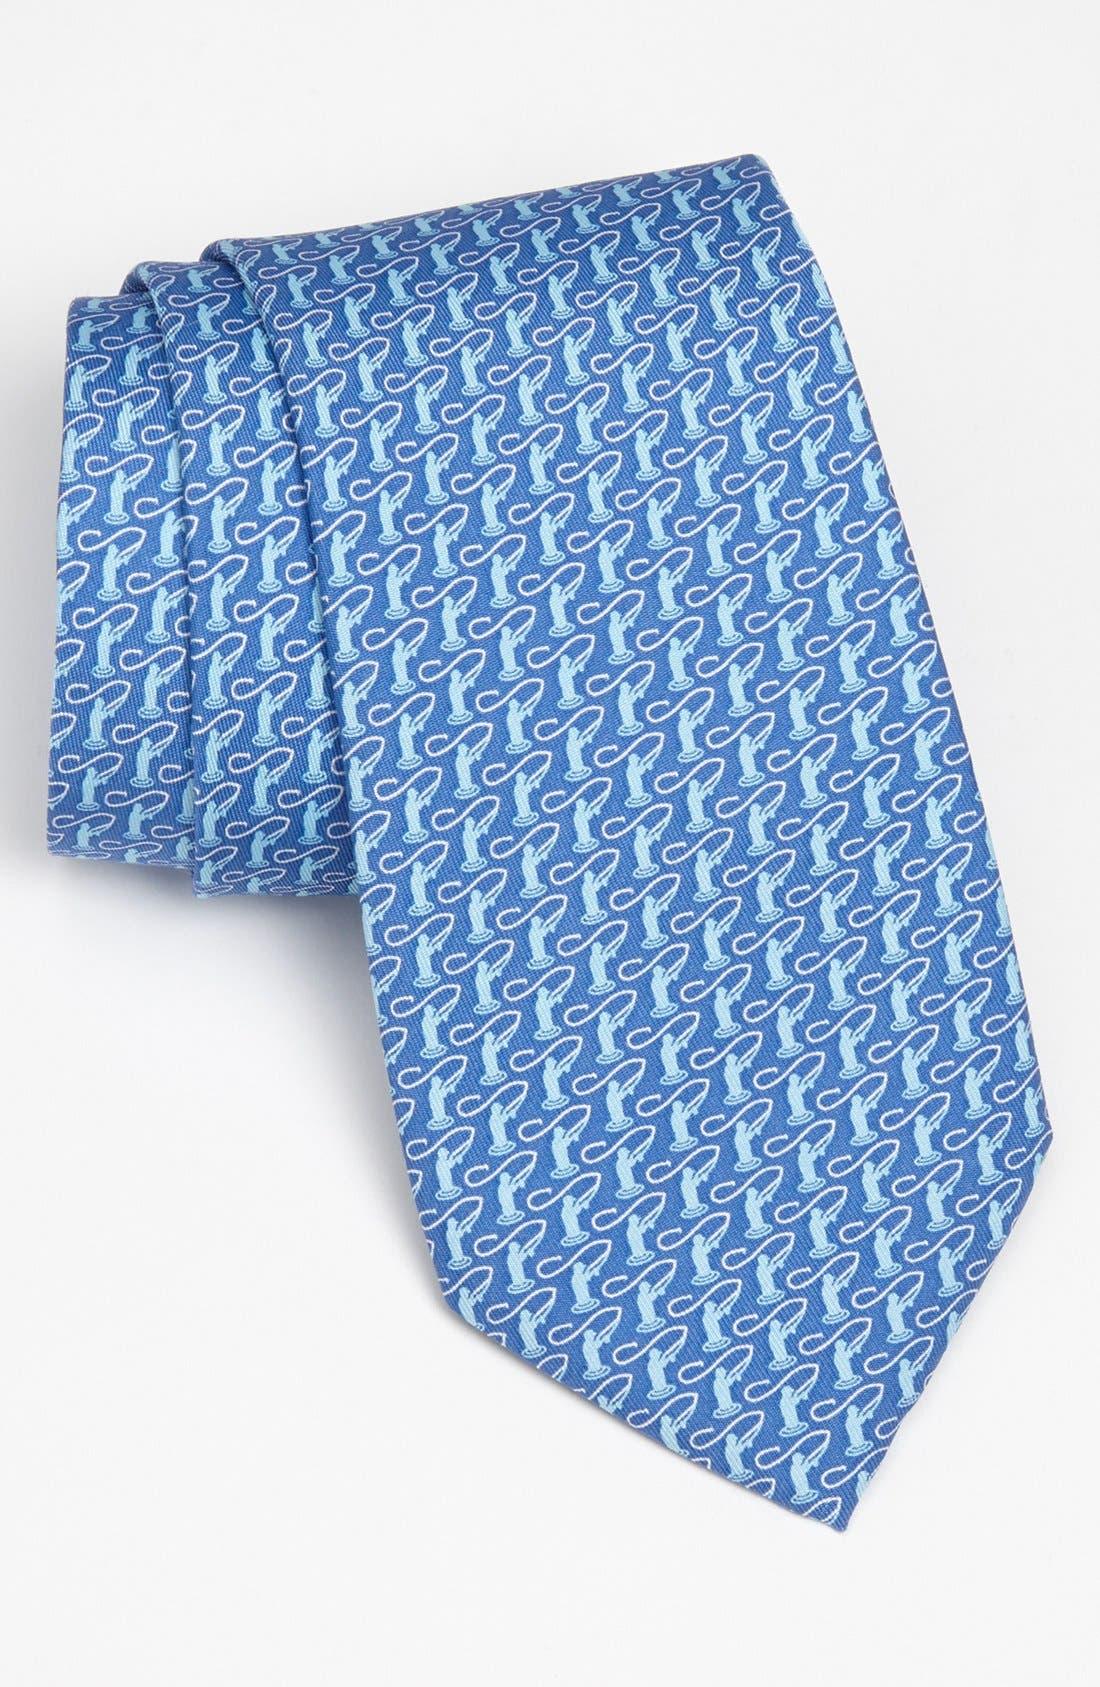 Alternate Image 1 Selected - Vineyard Vines Woven Silk Tie